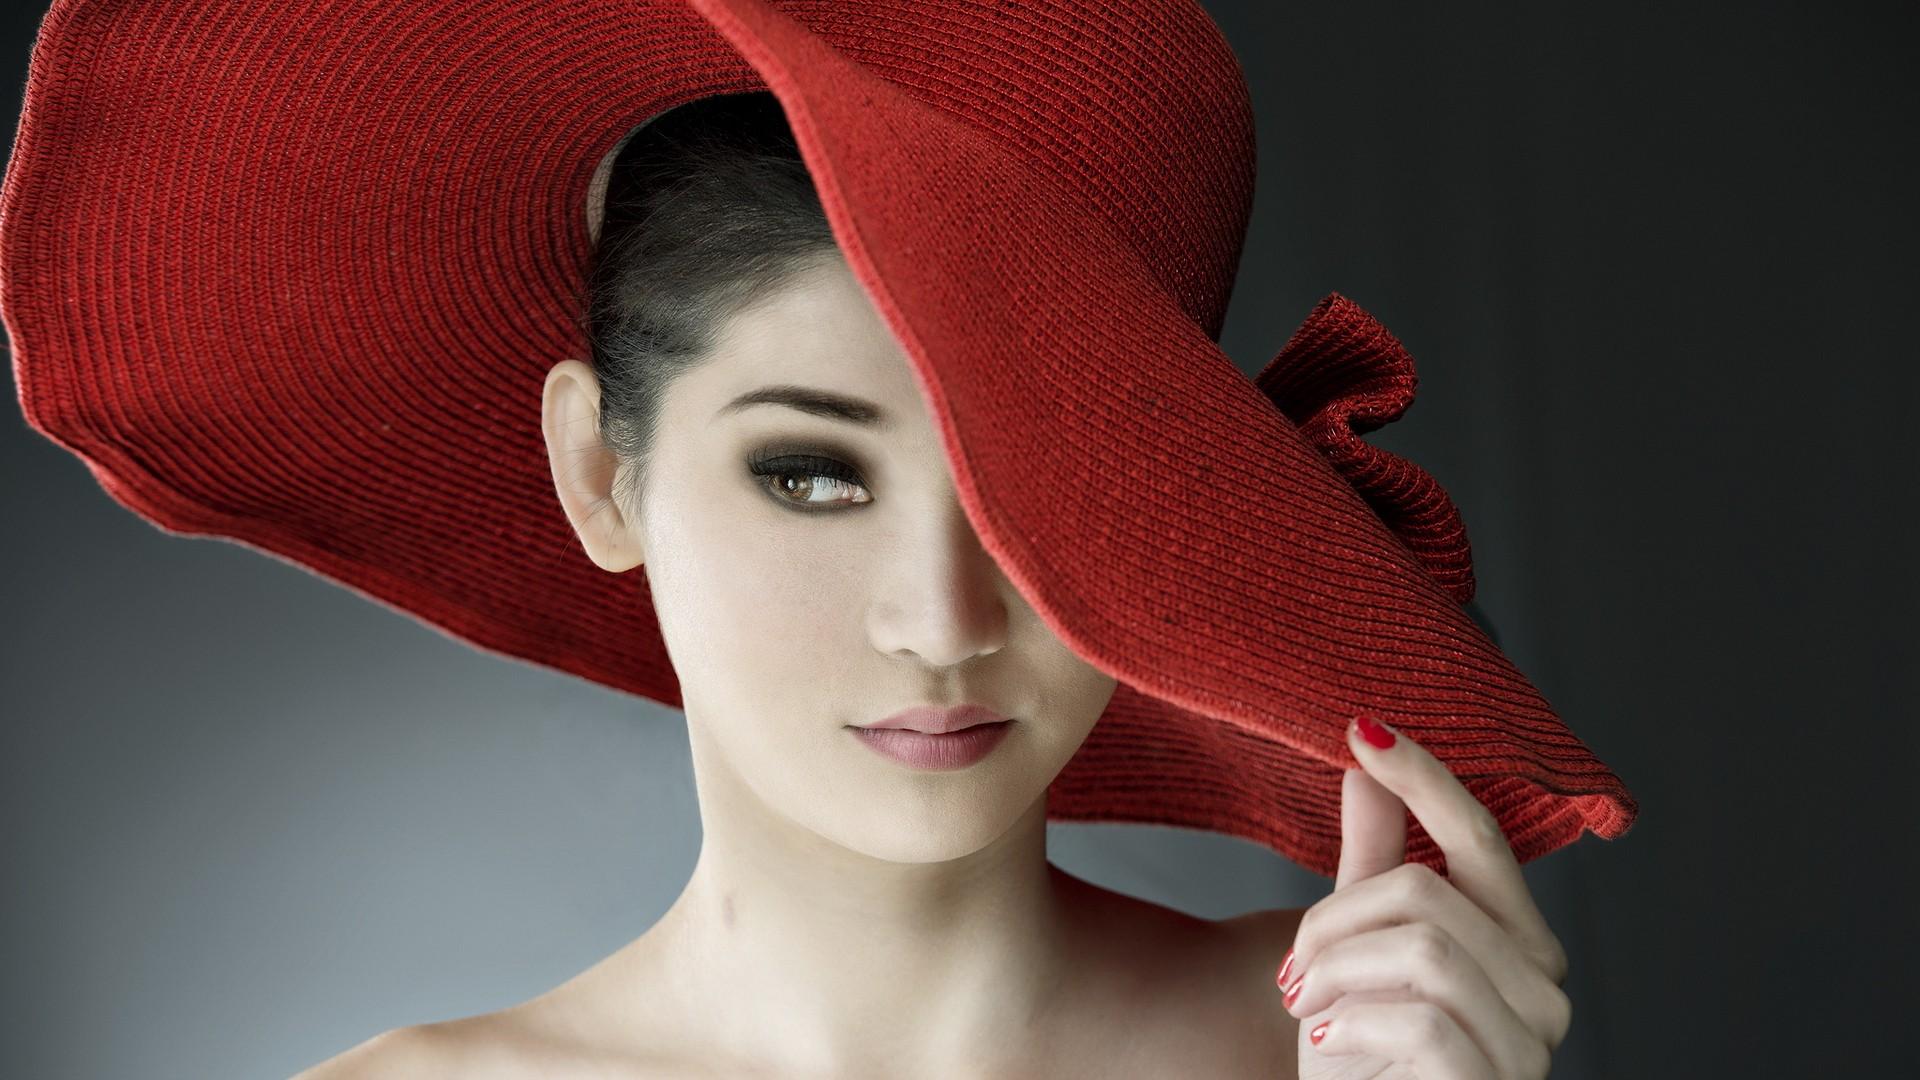 Sombrero rojo de paja - 1920x1080